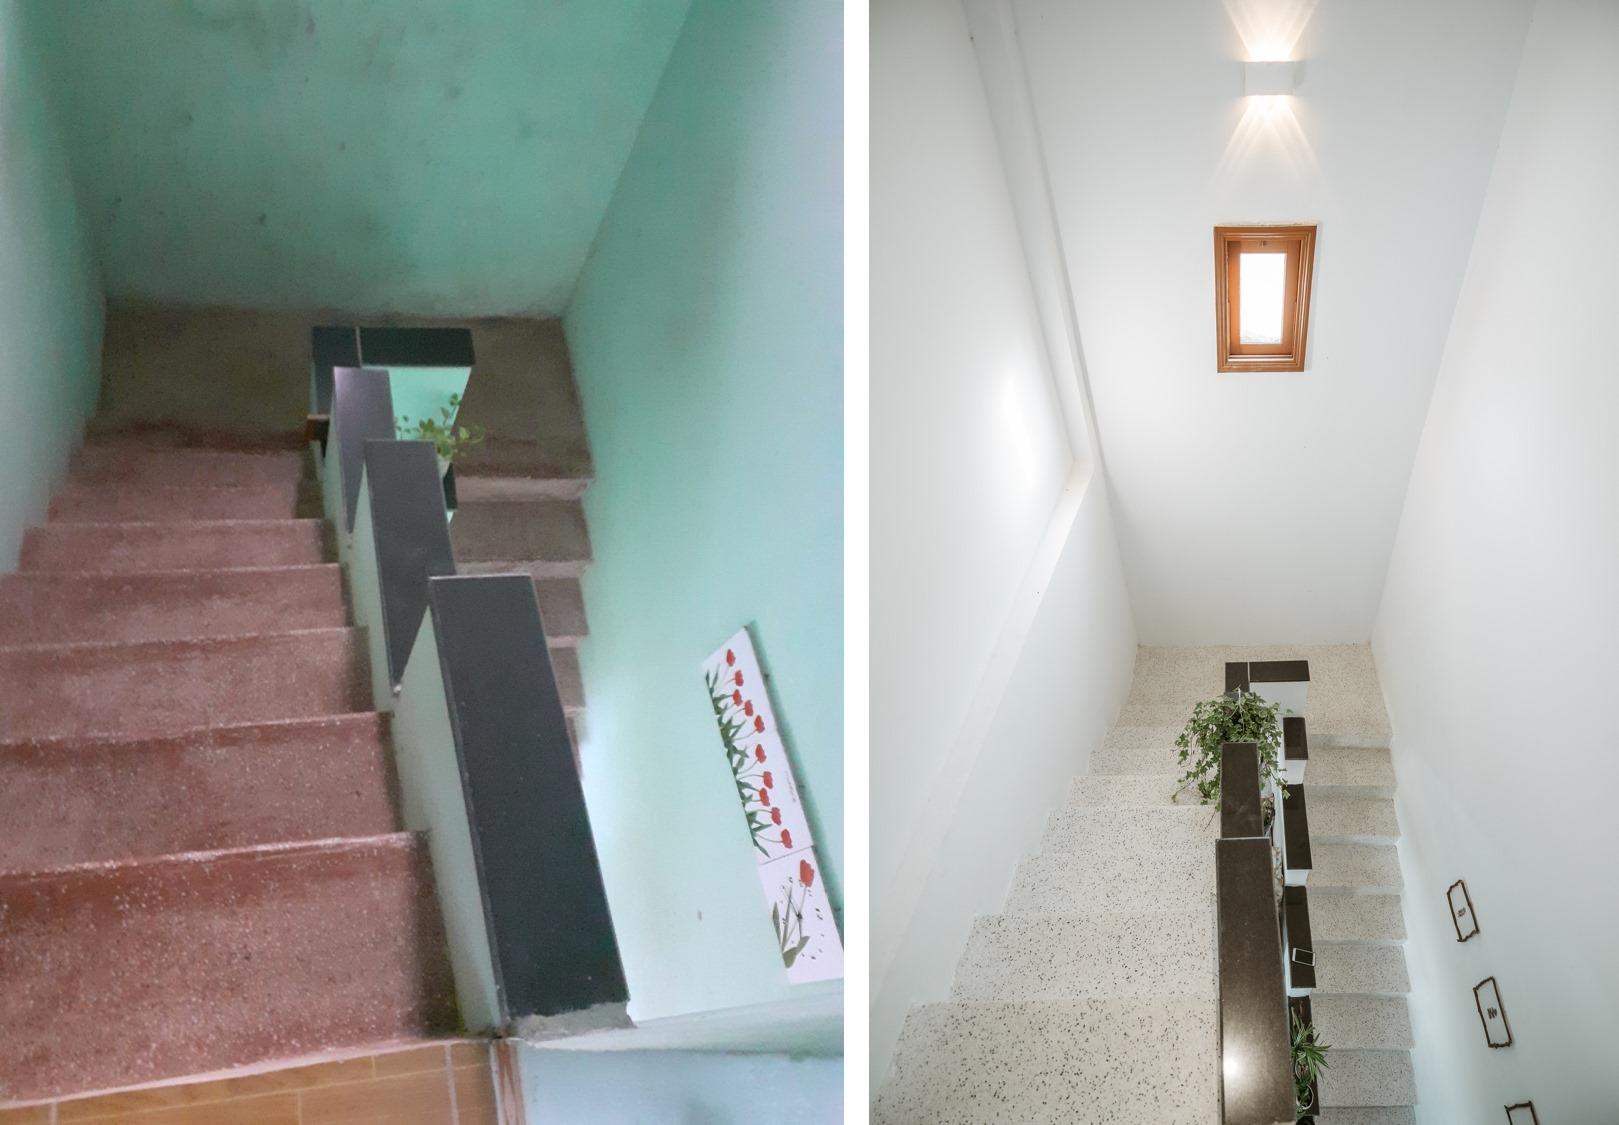 Cô gái quyết định rời Sài Gòn về Hội An cải tạo nhà ở 20 năm đã xuống cấp thành homestay 5 phòng đẹp lung linh, cho khách thuê chỉ 420-520 ngàn đồng/ phòng - Ảnh 7.